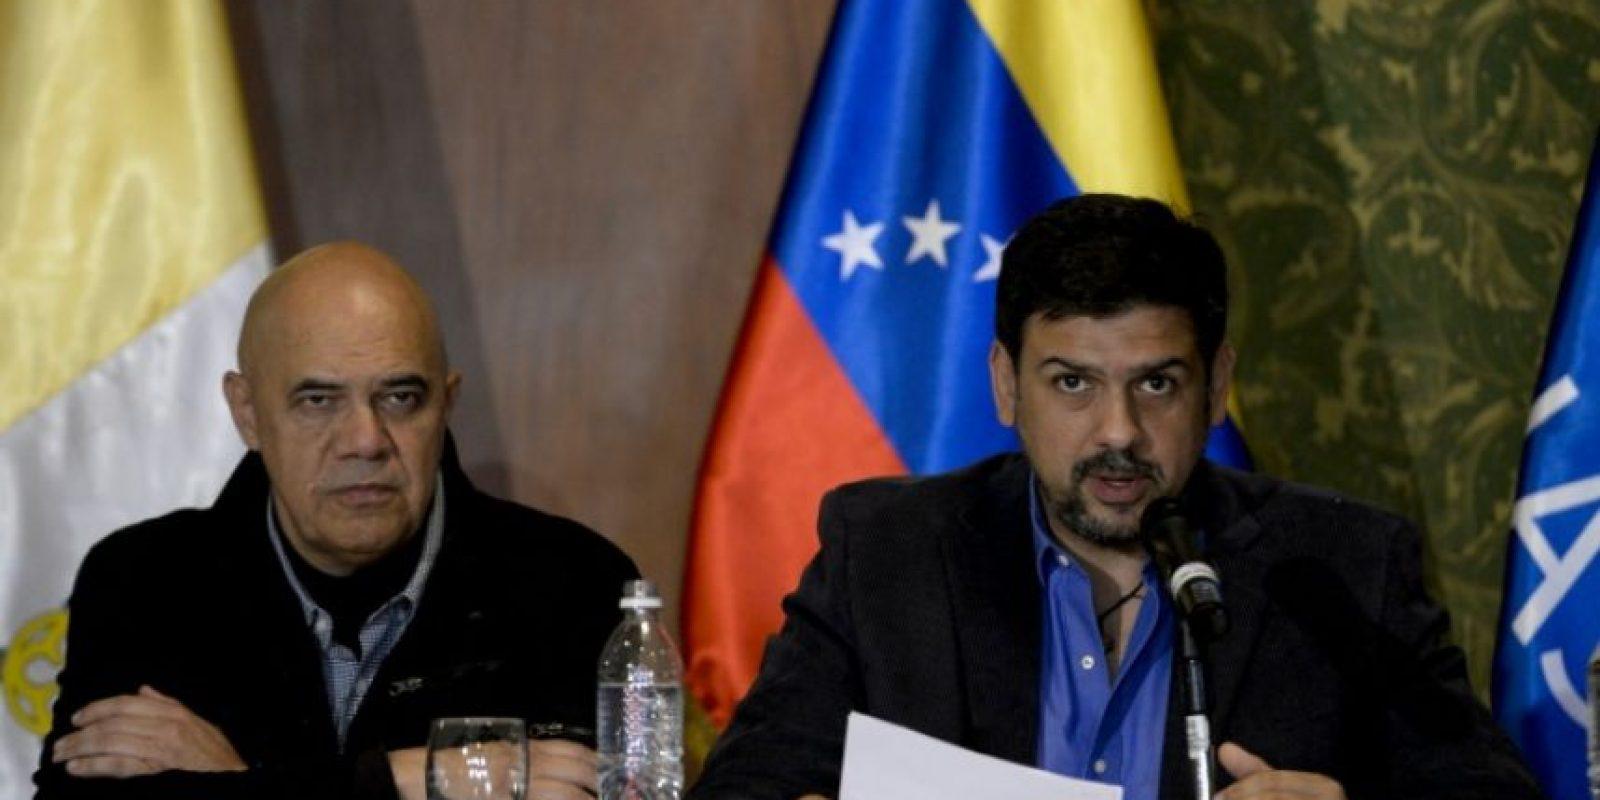 El negociador de la oposición Carlos Ocariz (D) junto al vocero de la Mesa de la Unidad Democrática Jesús Torrealba durante una conferencia de prensa el 12 de noviembre de 2016 en Caracas Foto:Federico Parra/afp.com